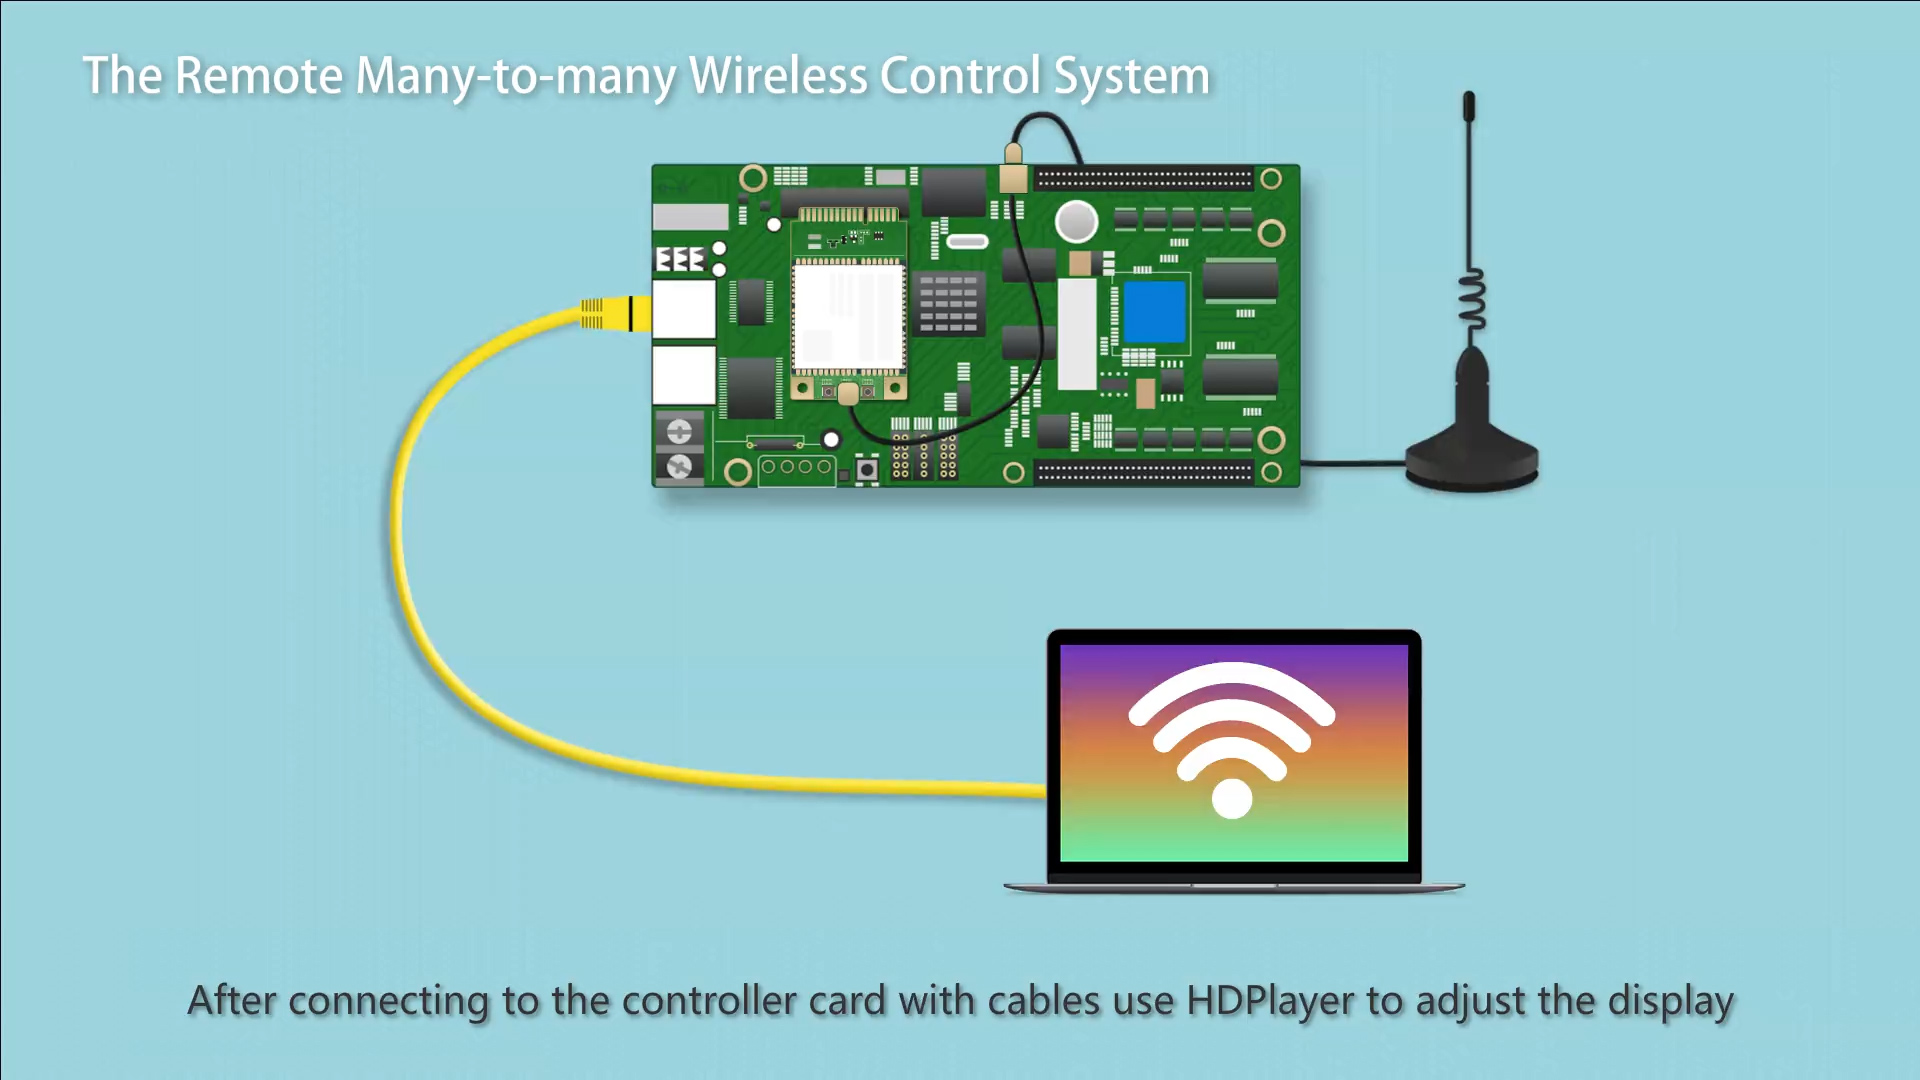 Huidu Wireless Control System-Lösung Erläuterung